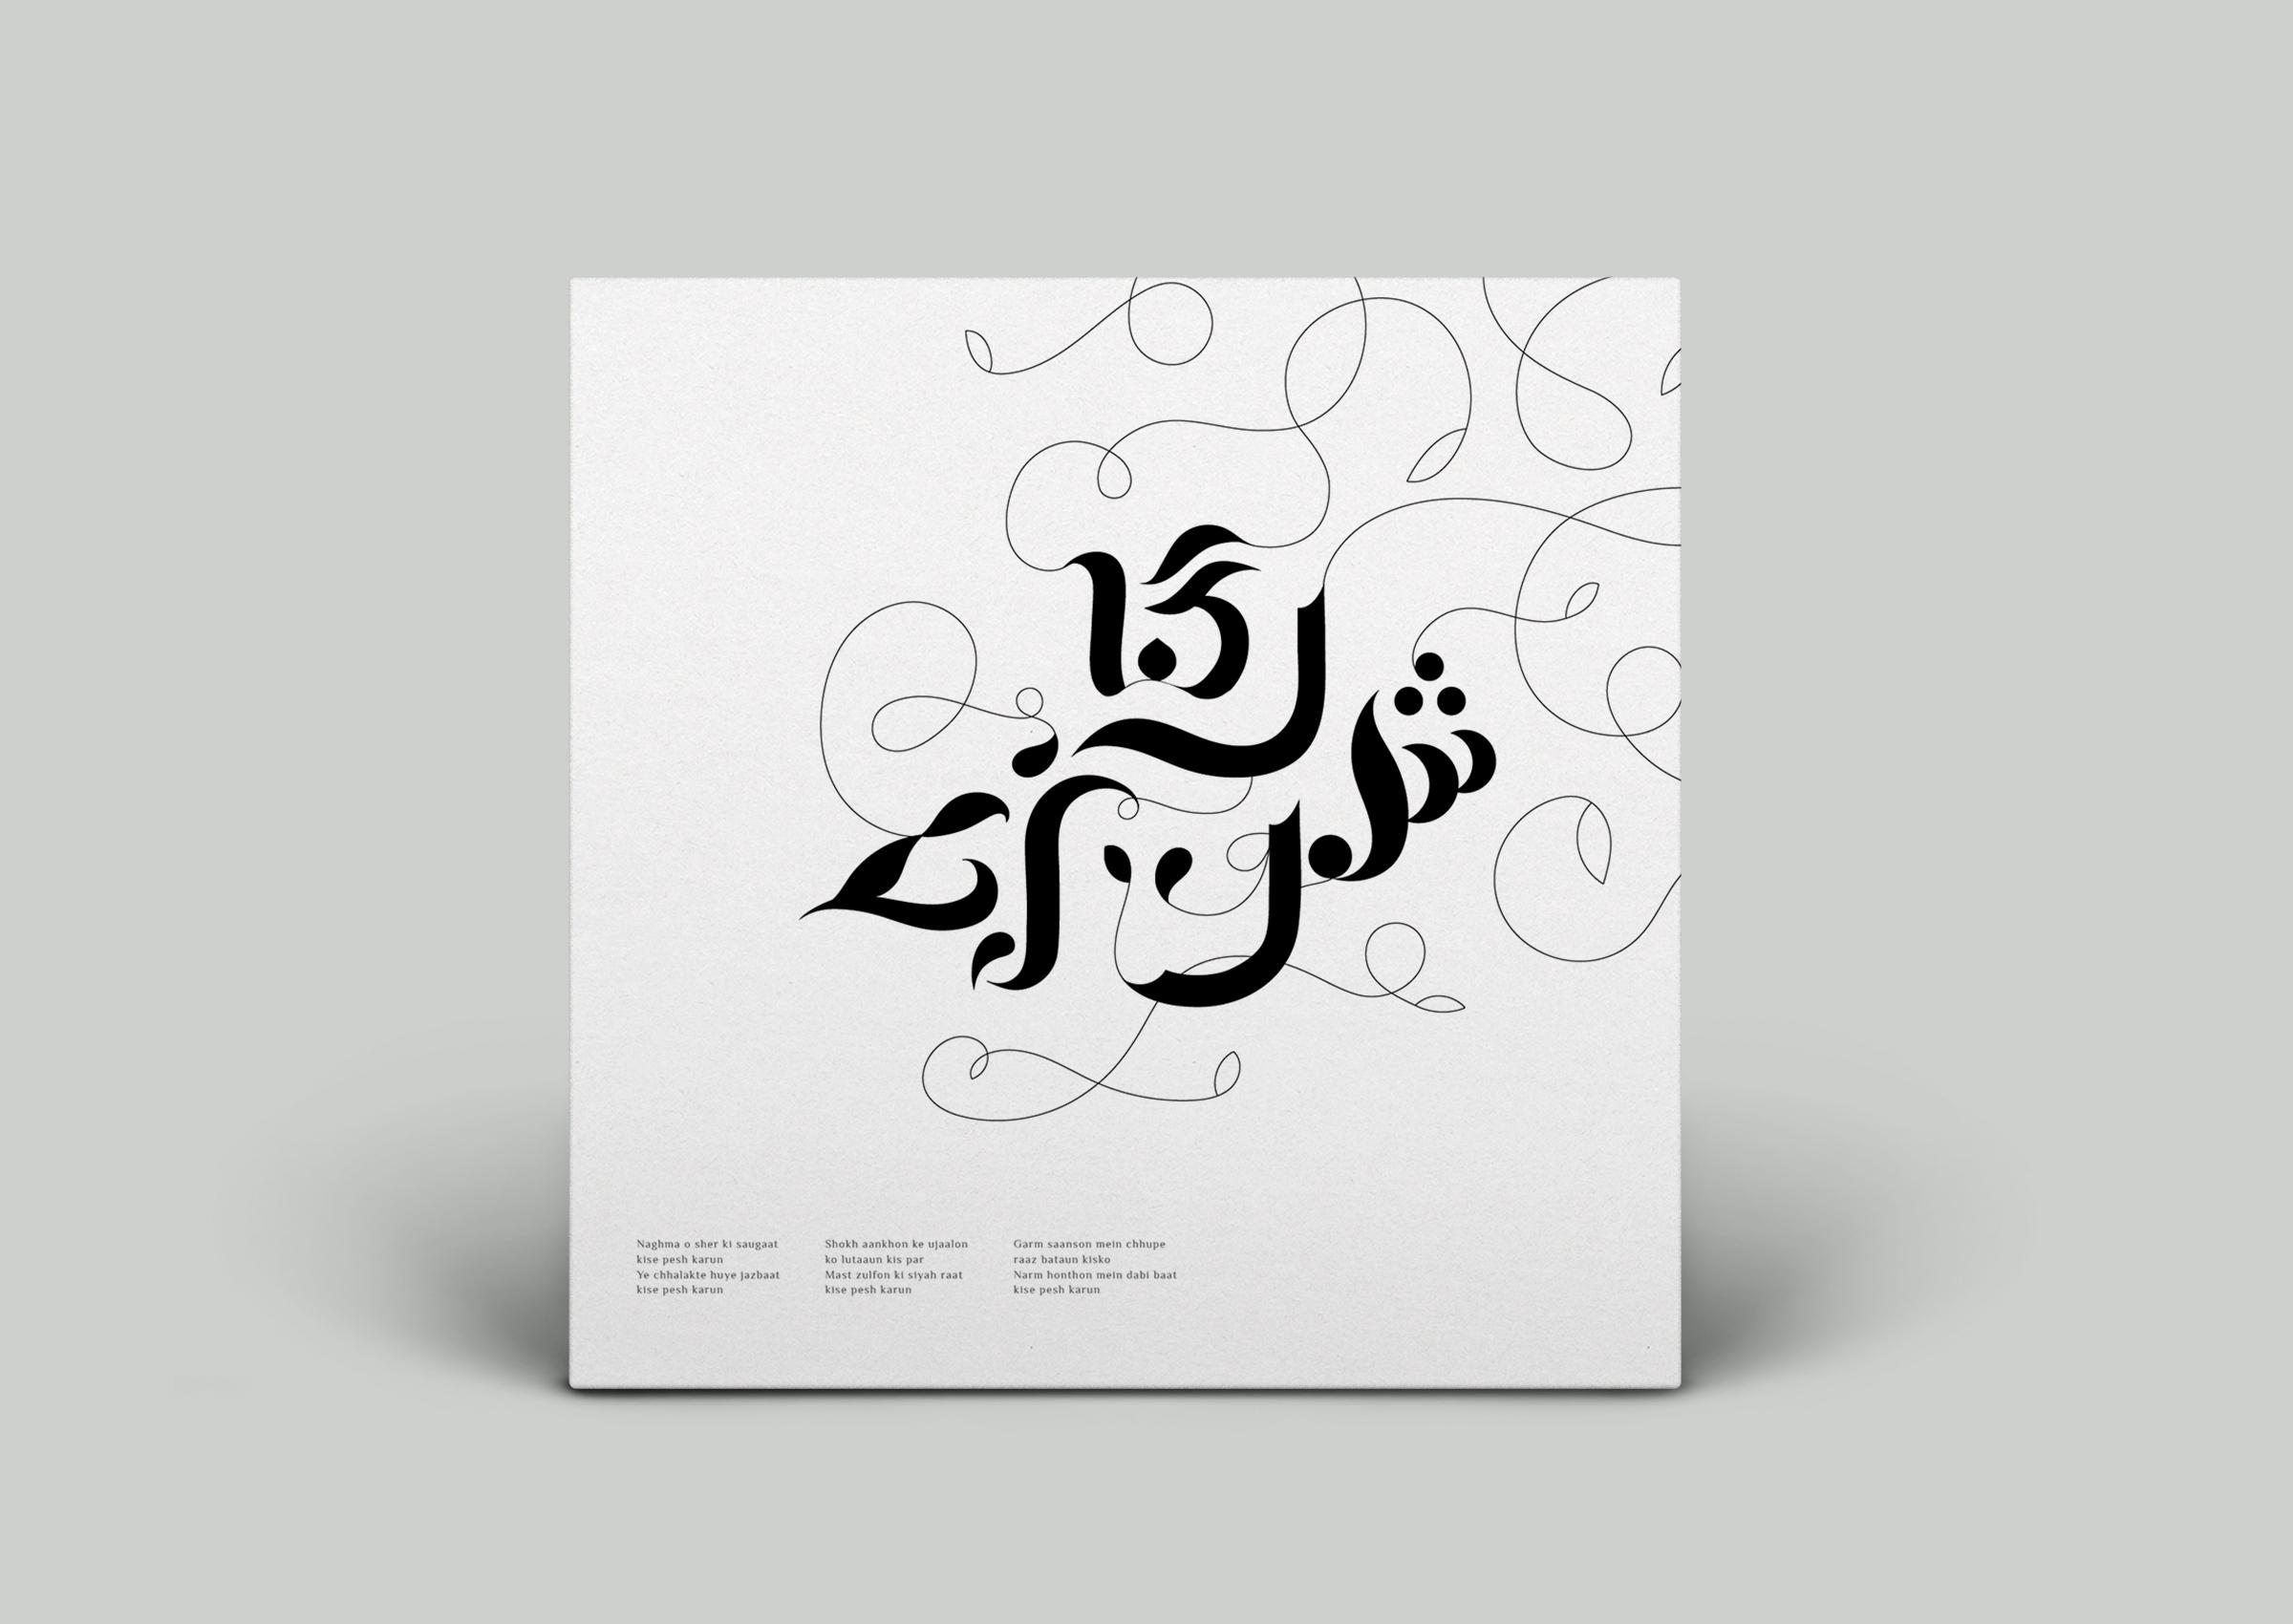 Naghma-o-sher_04.jpg